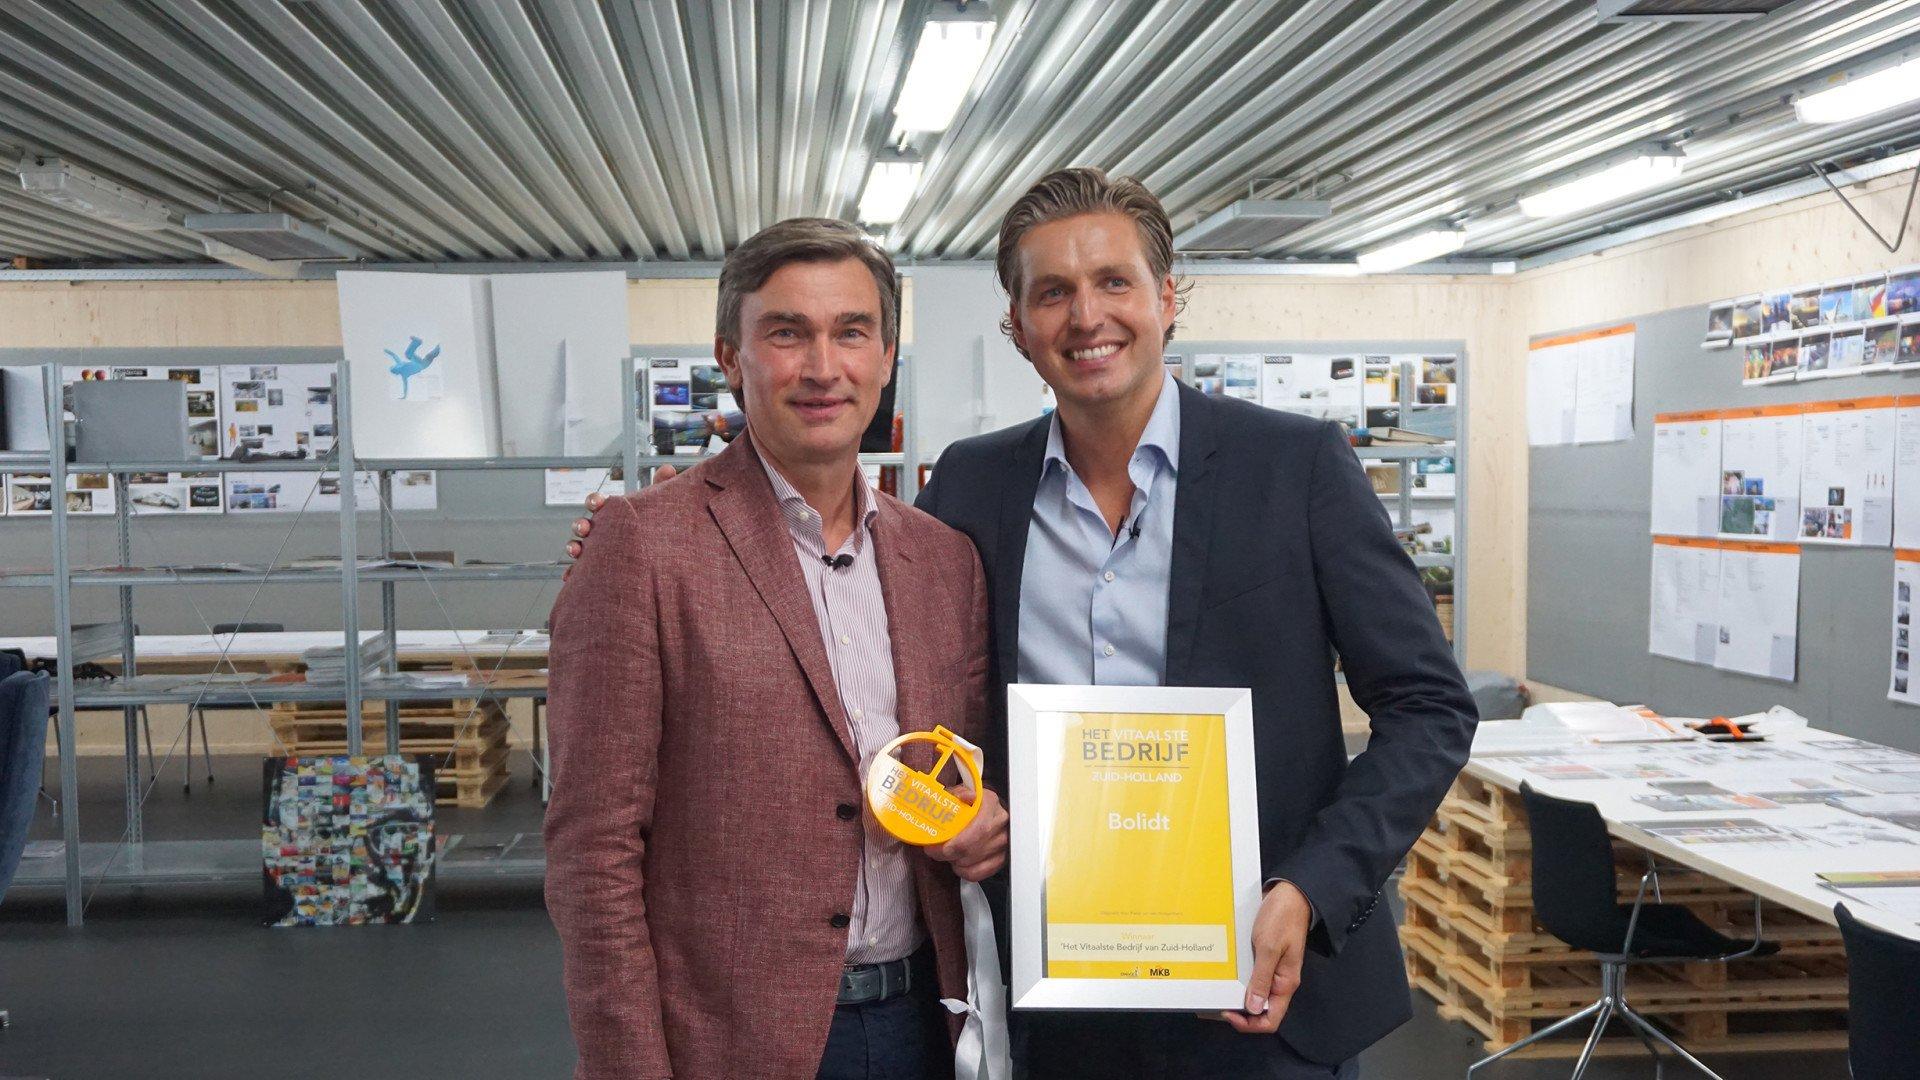 Bolidt Vitaal ONVZ Het vitaalste bedrijf Zuid-Holland 2016